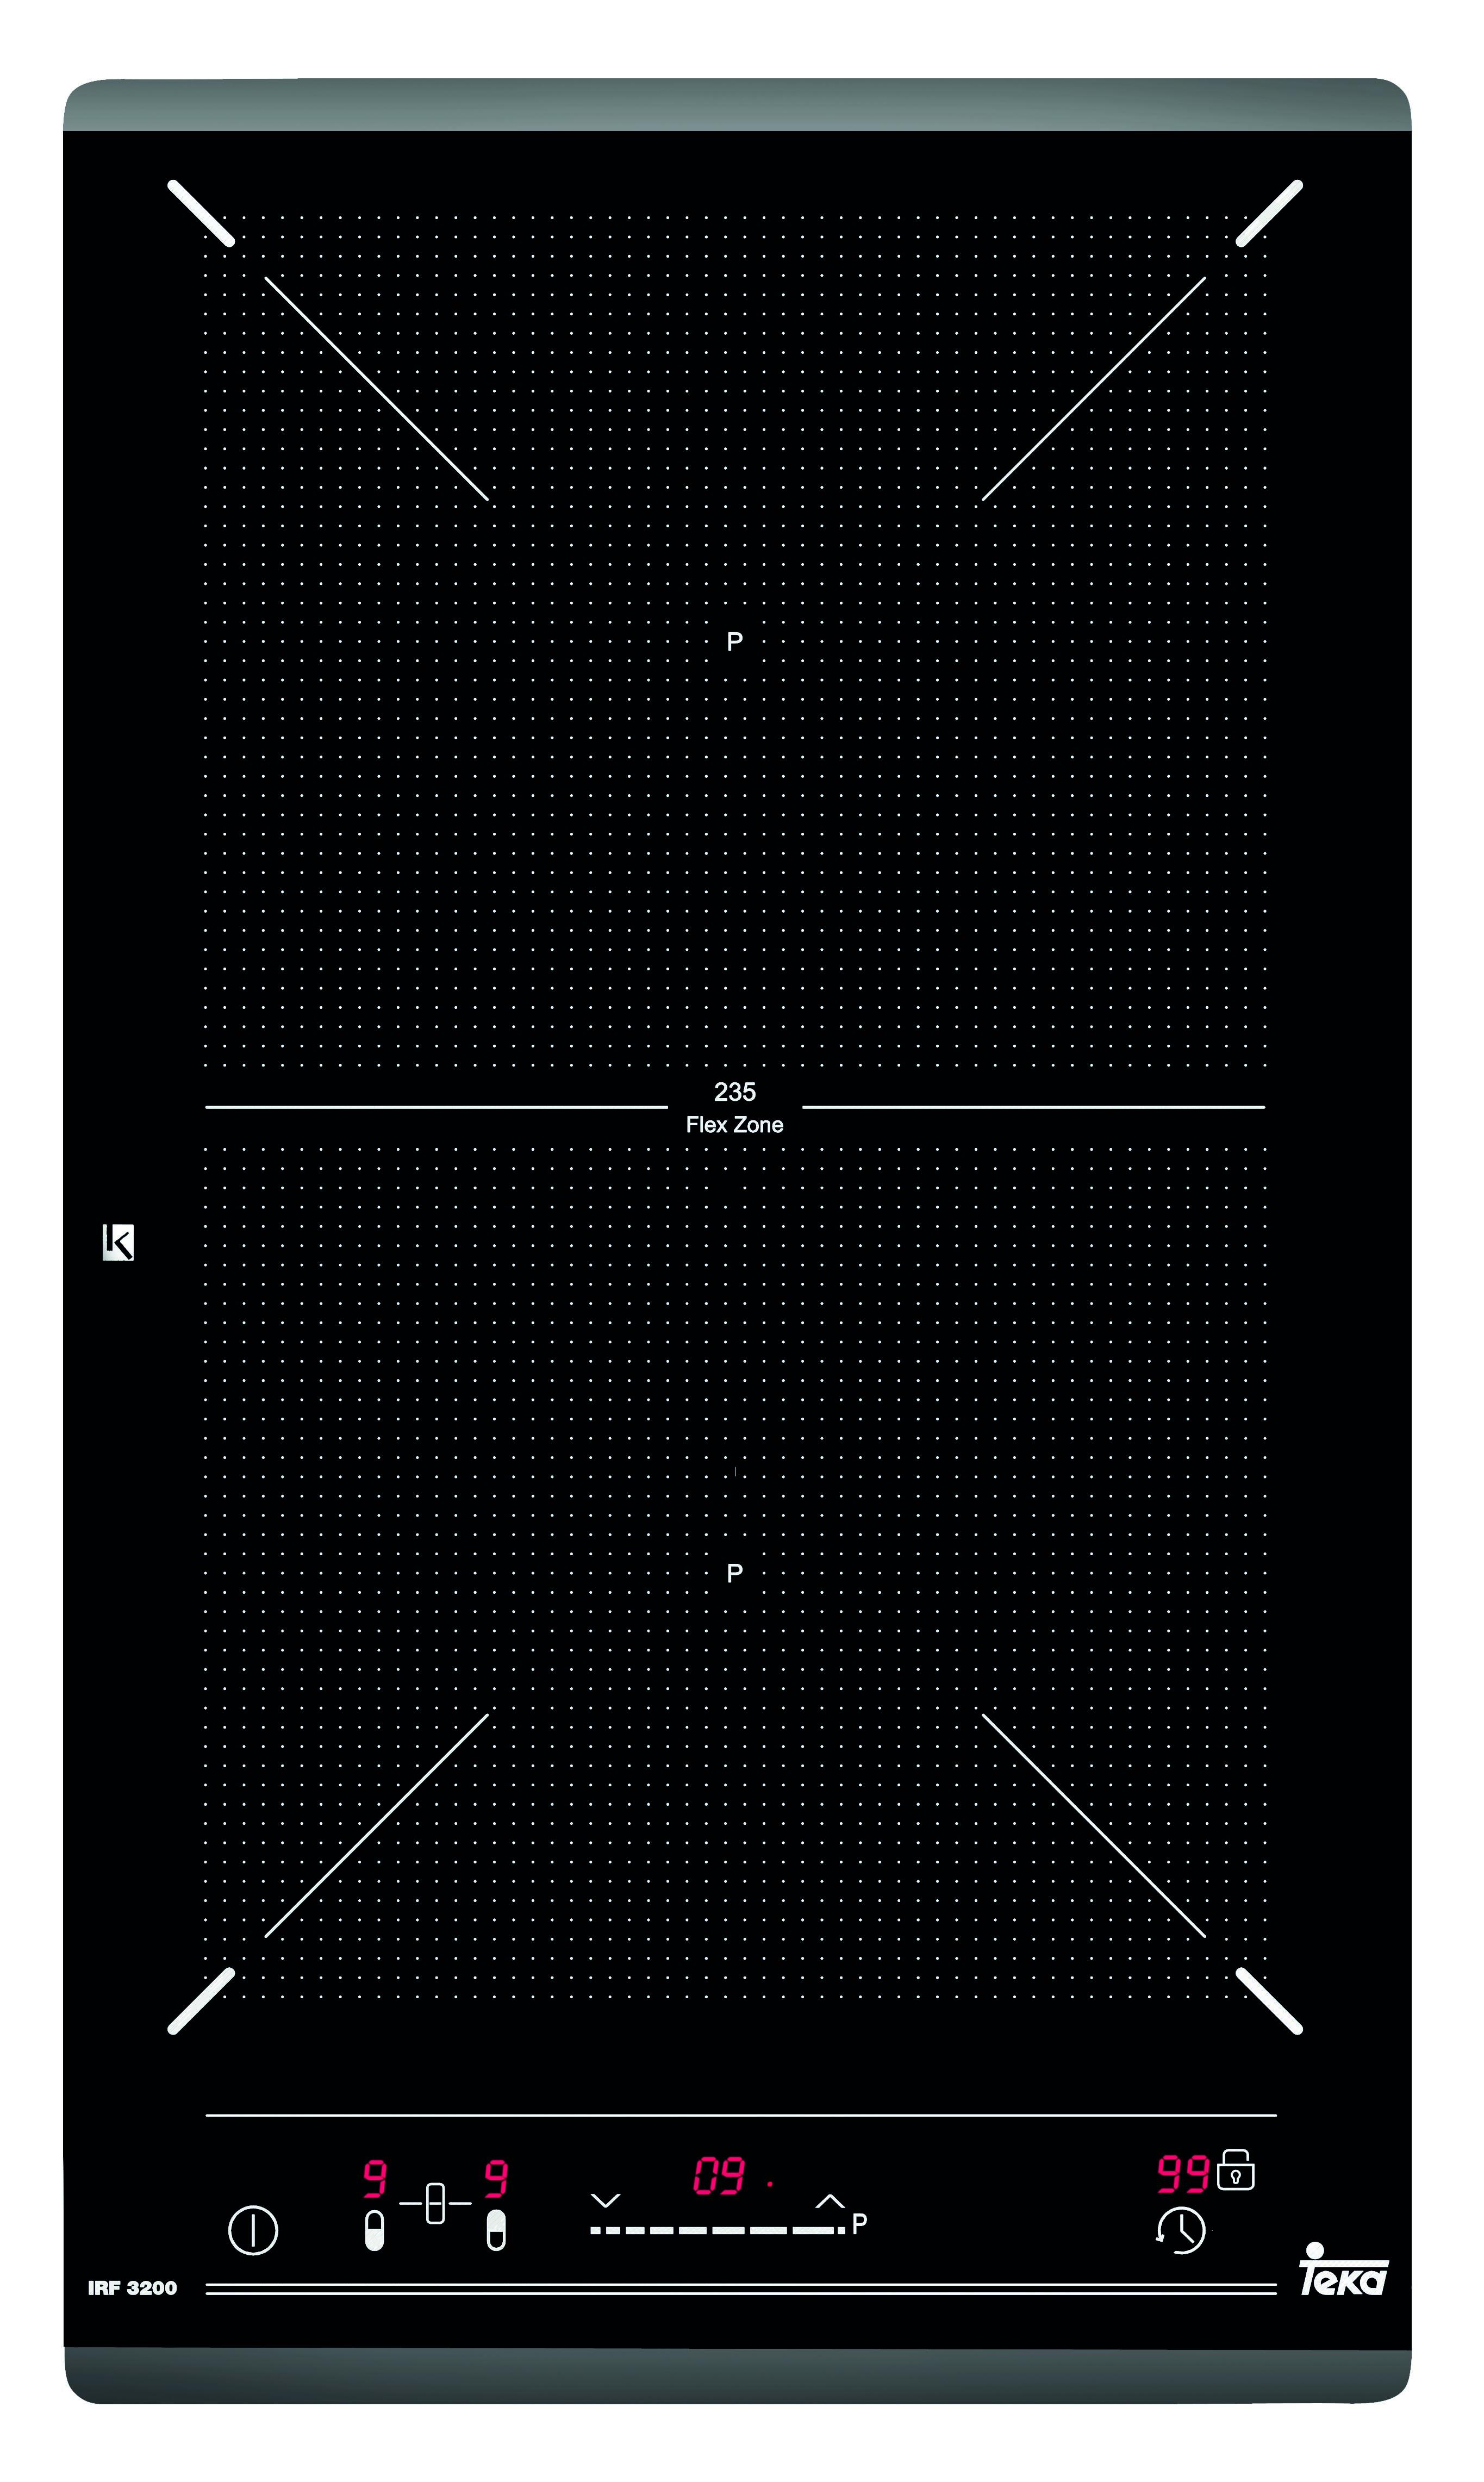 Plita inductie incorporabila Teka Space IRF 3200 Domino 2 zone Teka Flex 30cm negru